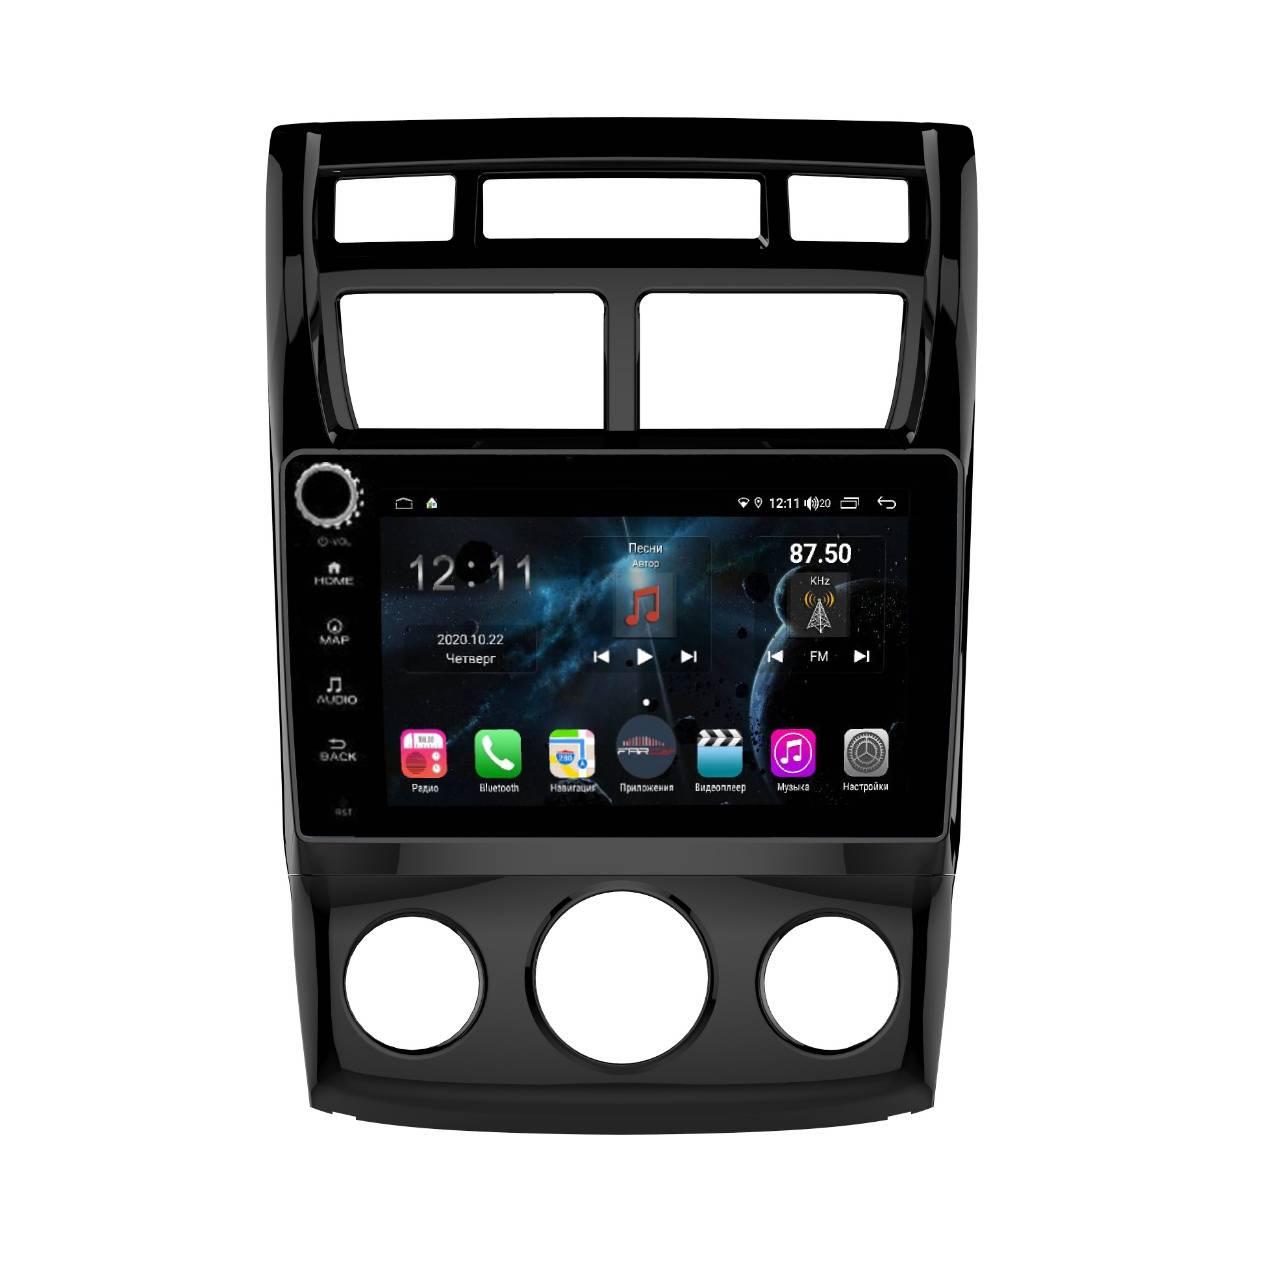 Штатная магнитола FarCar s400 для KIA Sportage на Android (H023RB) (+ Камера заднего вида в подарок!)